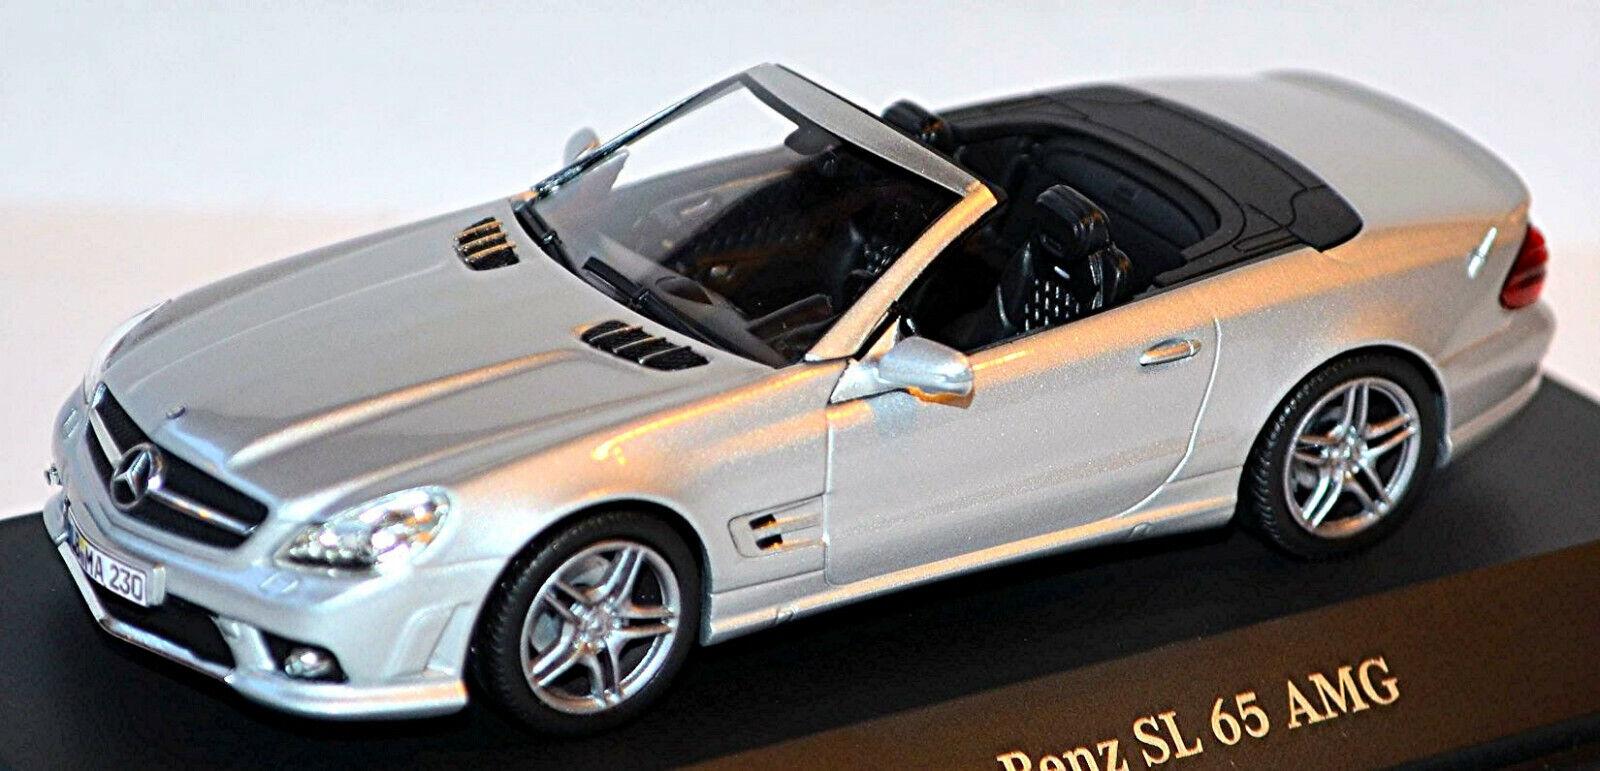 marcas de diseñadores baratos Mercedes Mercedes Mercedes Benz Sl 65 AMG R 230 Roadster 2008-11 Plata Metal 1 43 Minicham  marca